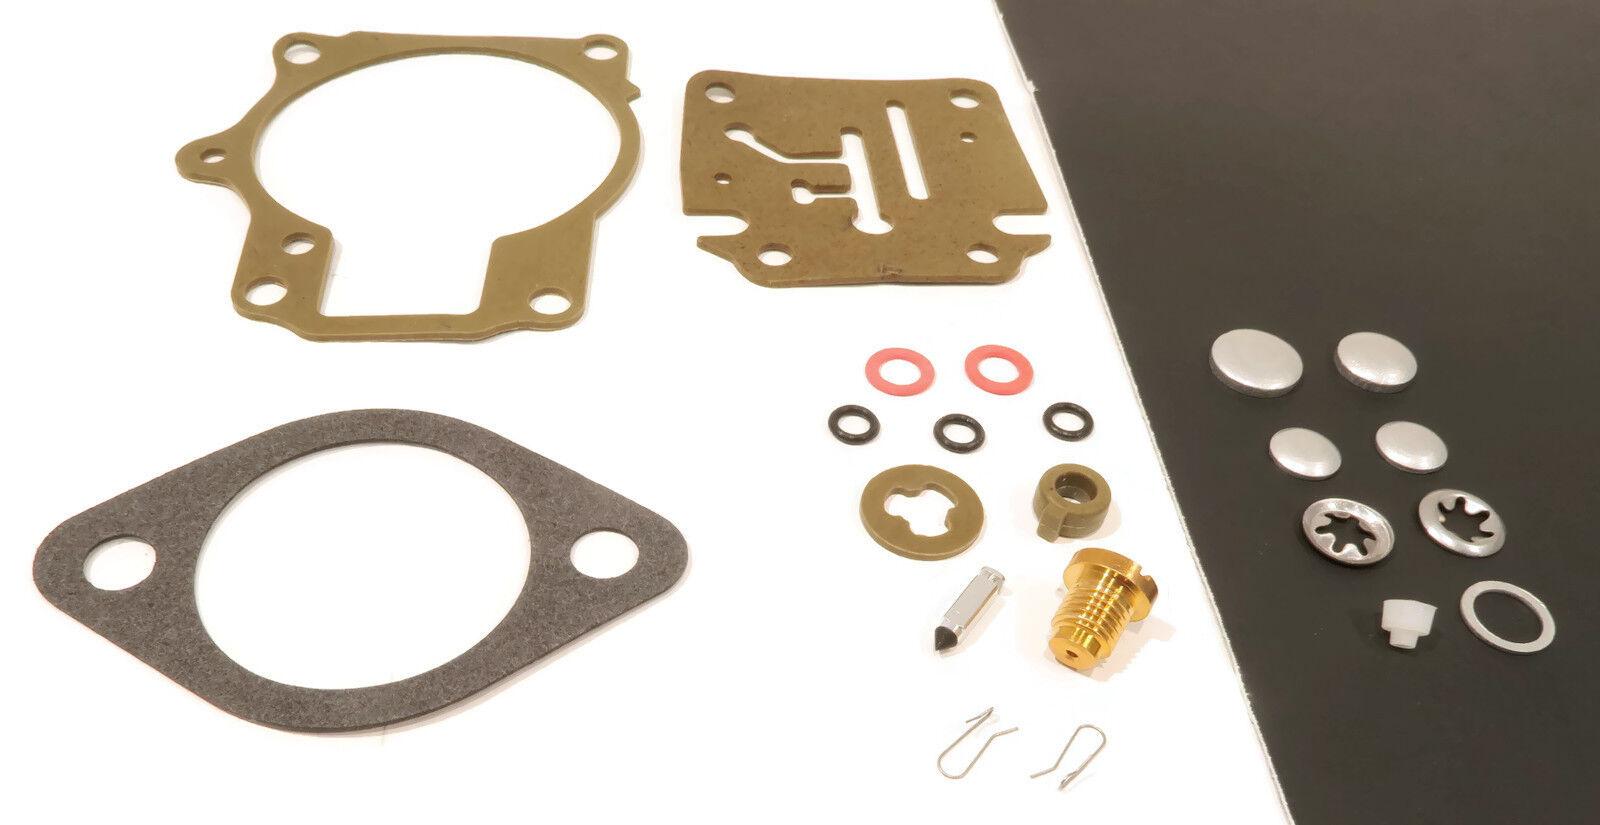 J75TLCTE Carburetor Repair Kit for 1983 Johnson Evinrude J50BELCTA J55RSYN-2